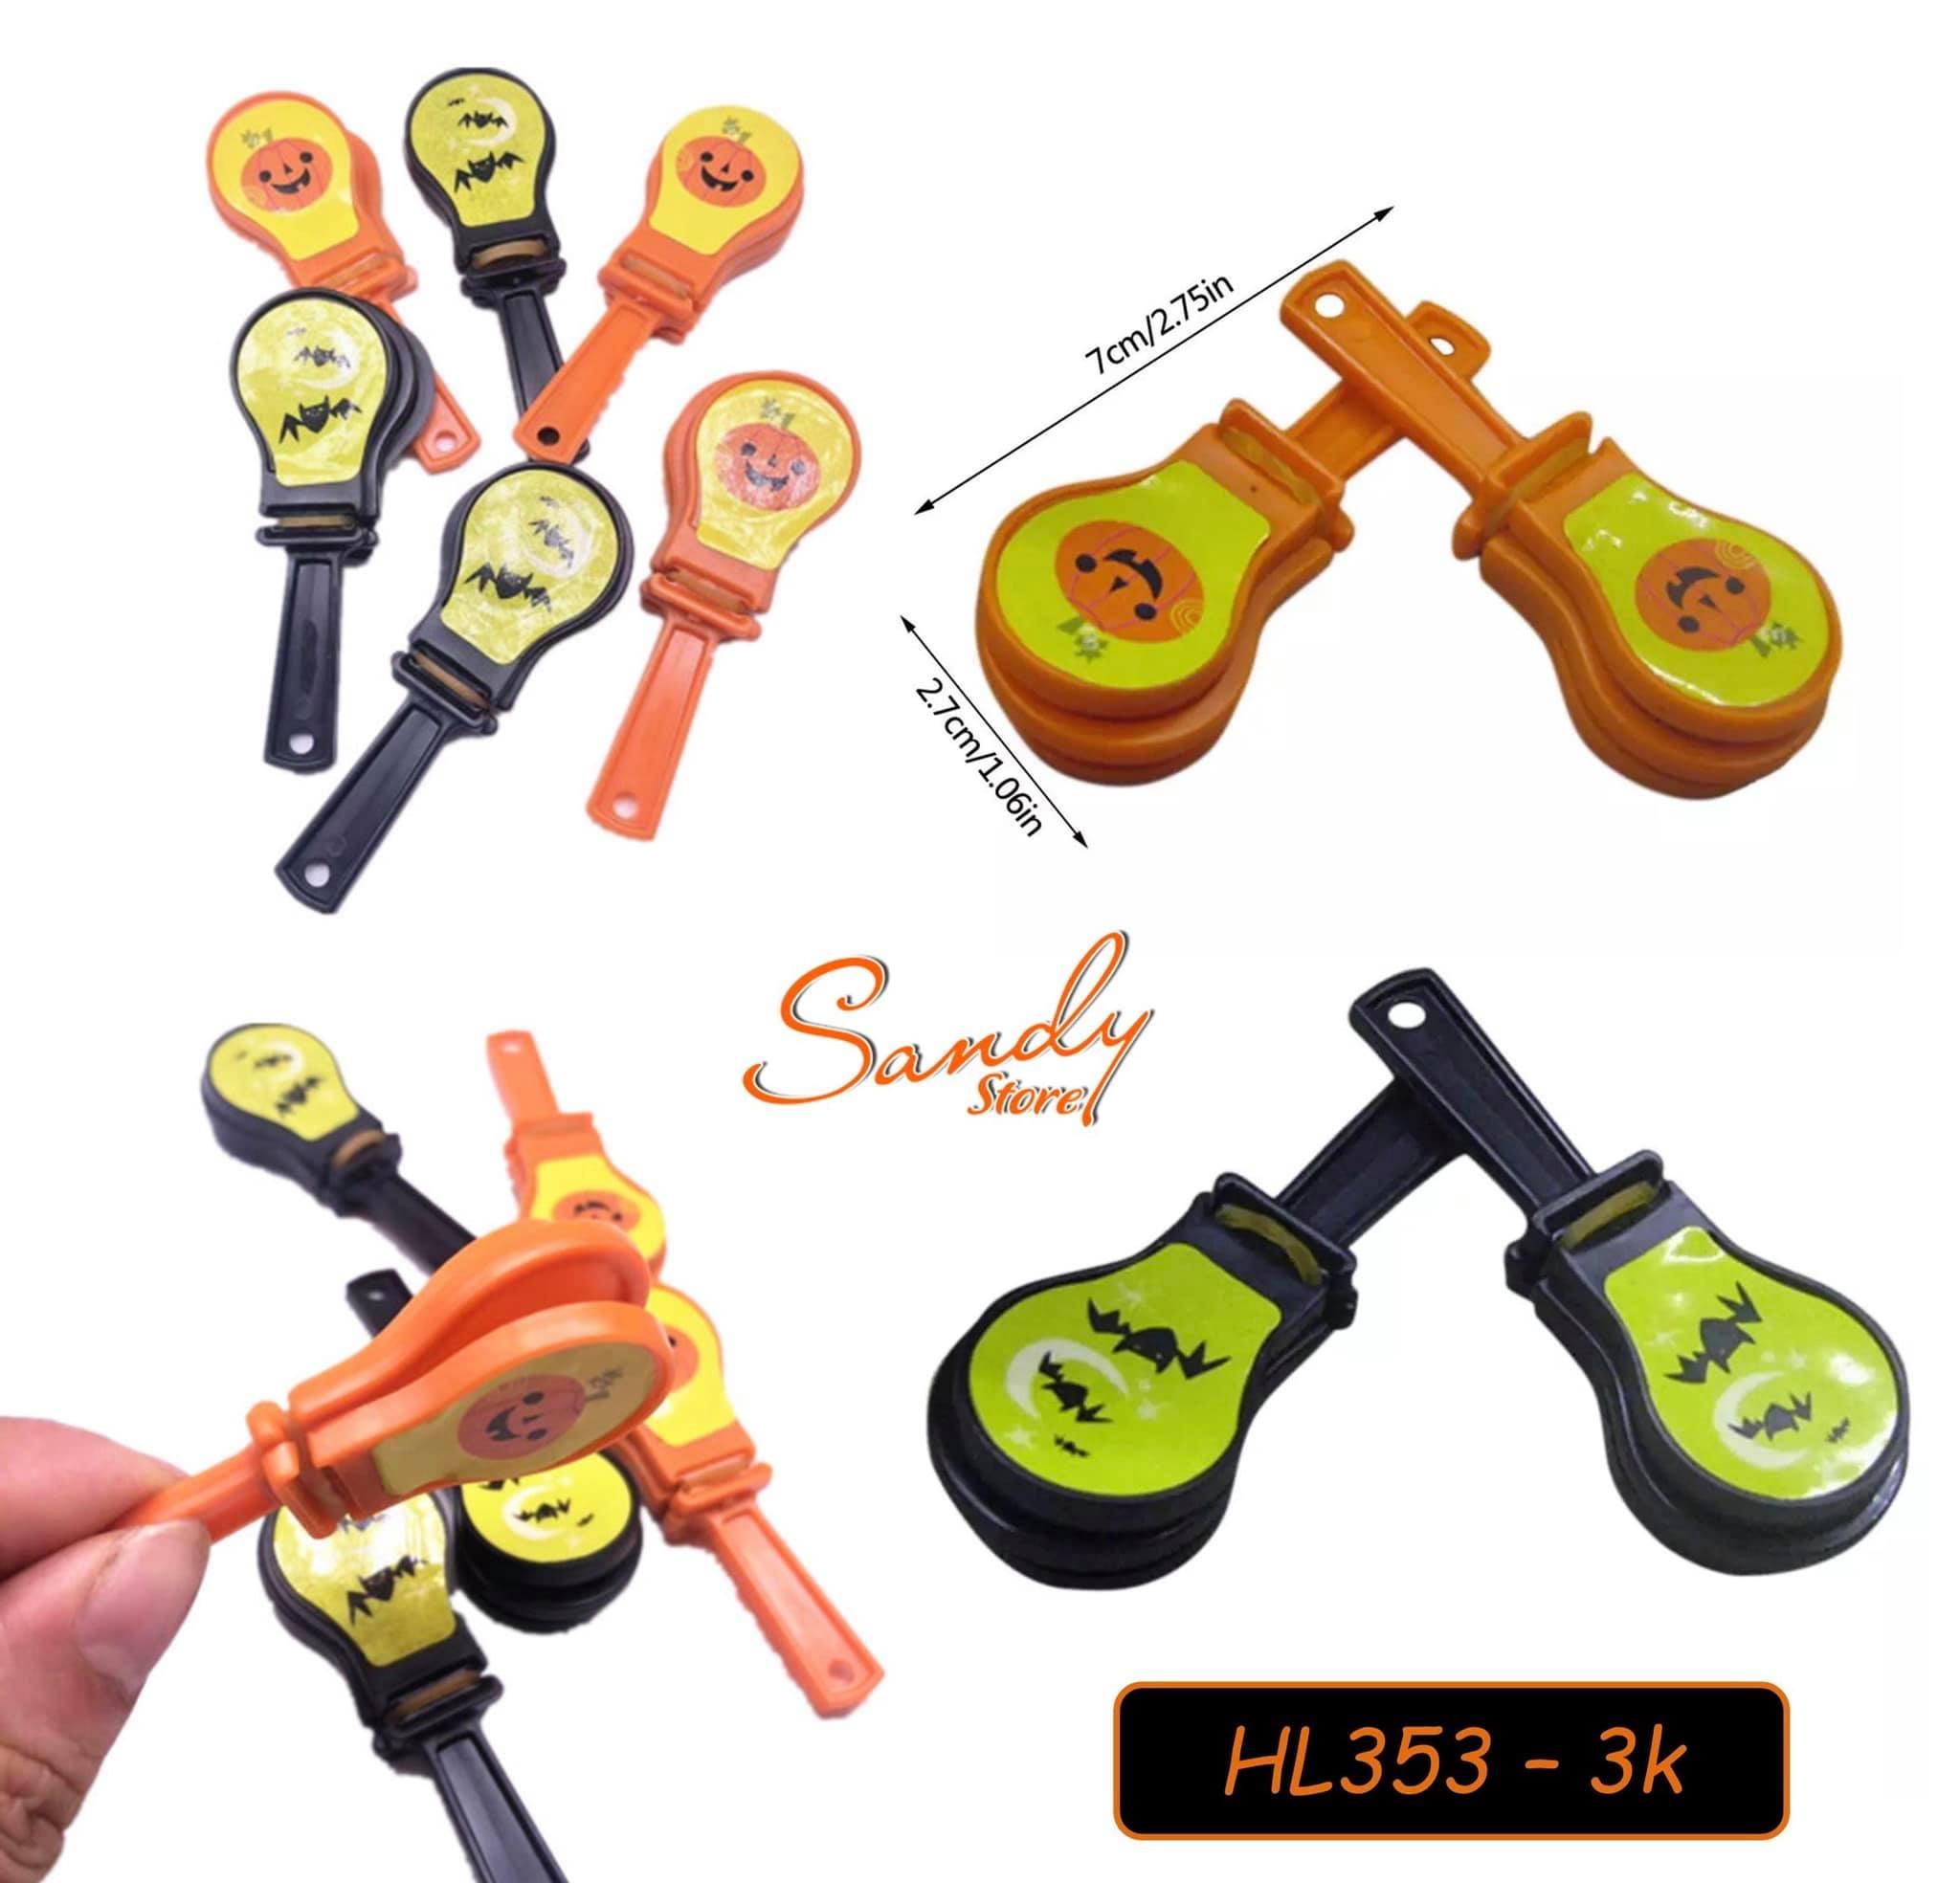 HL353 - Đập tay Mini giá